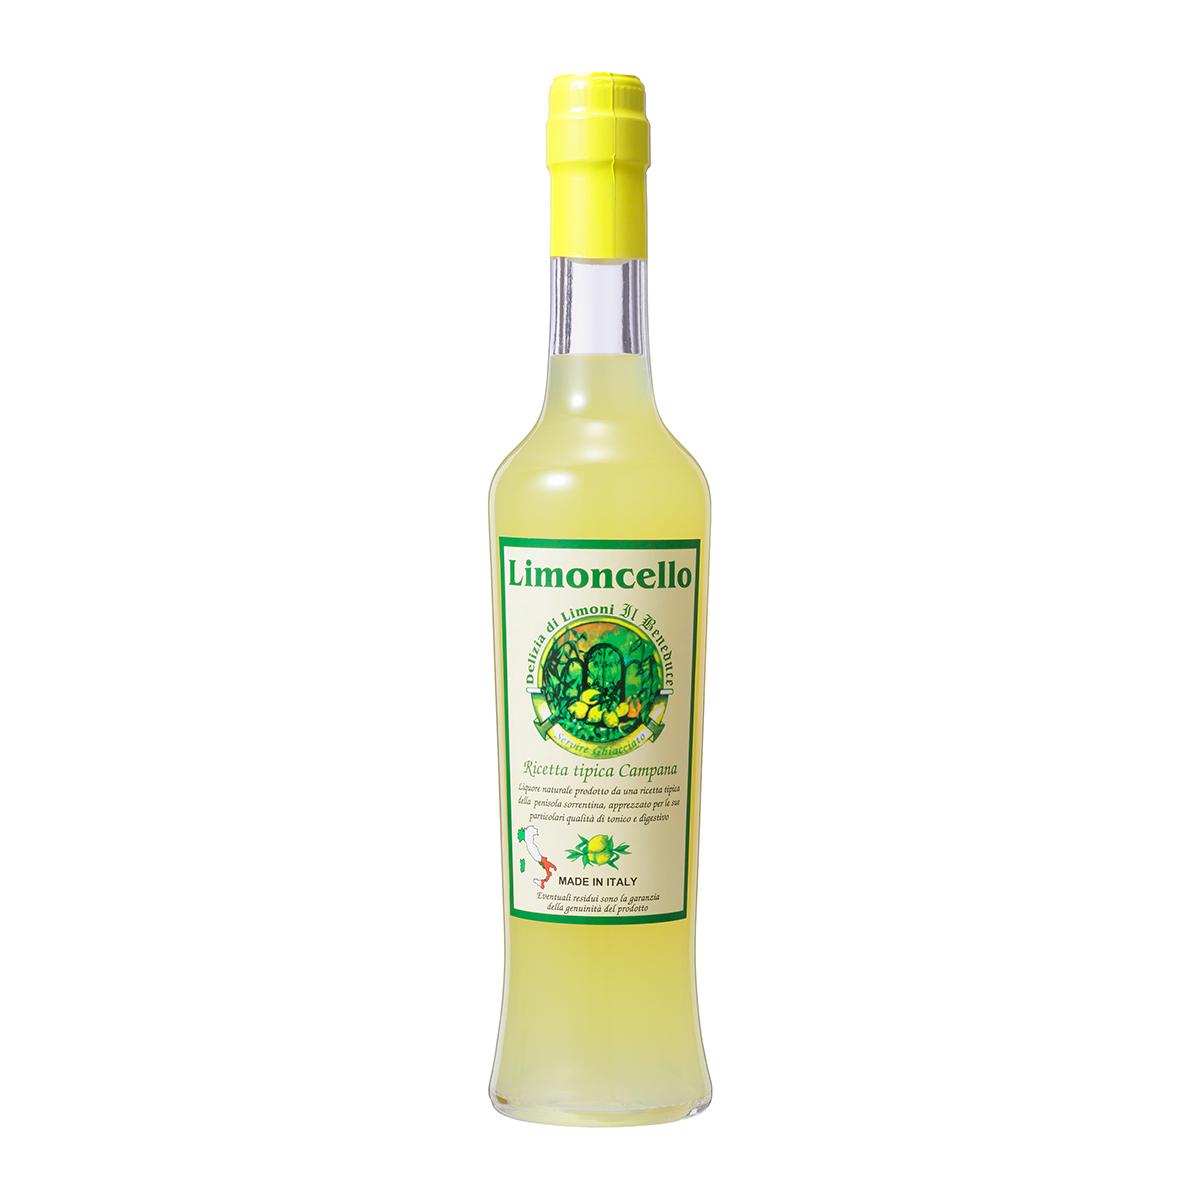 レモン好きにおすすめ「リモンチェッロ イル・ベネドゥーチェ」(エディターAリコメンド)